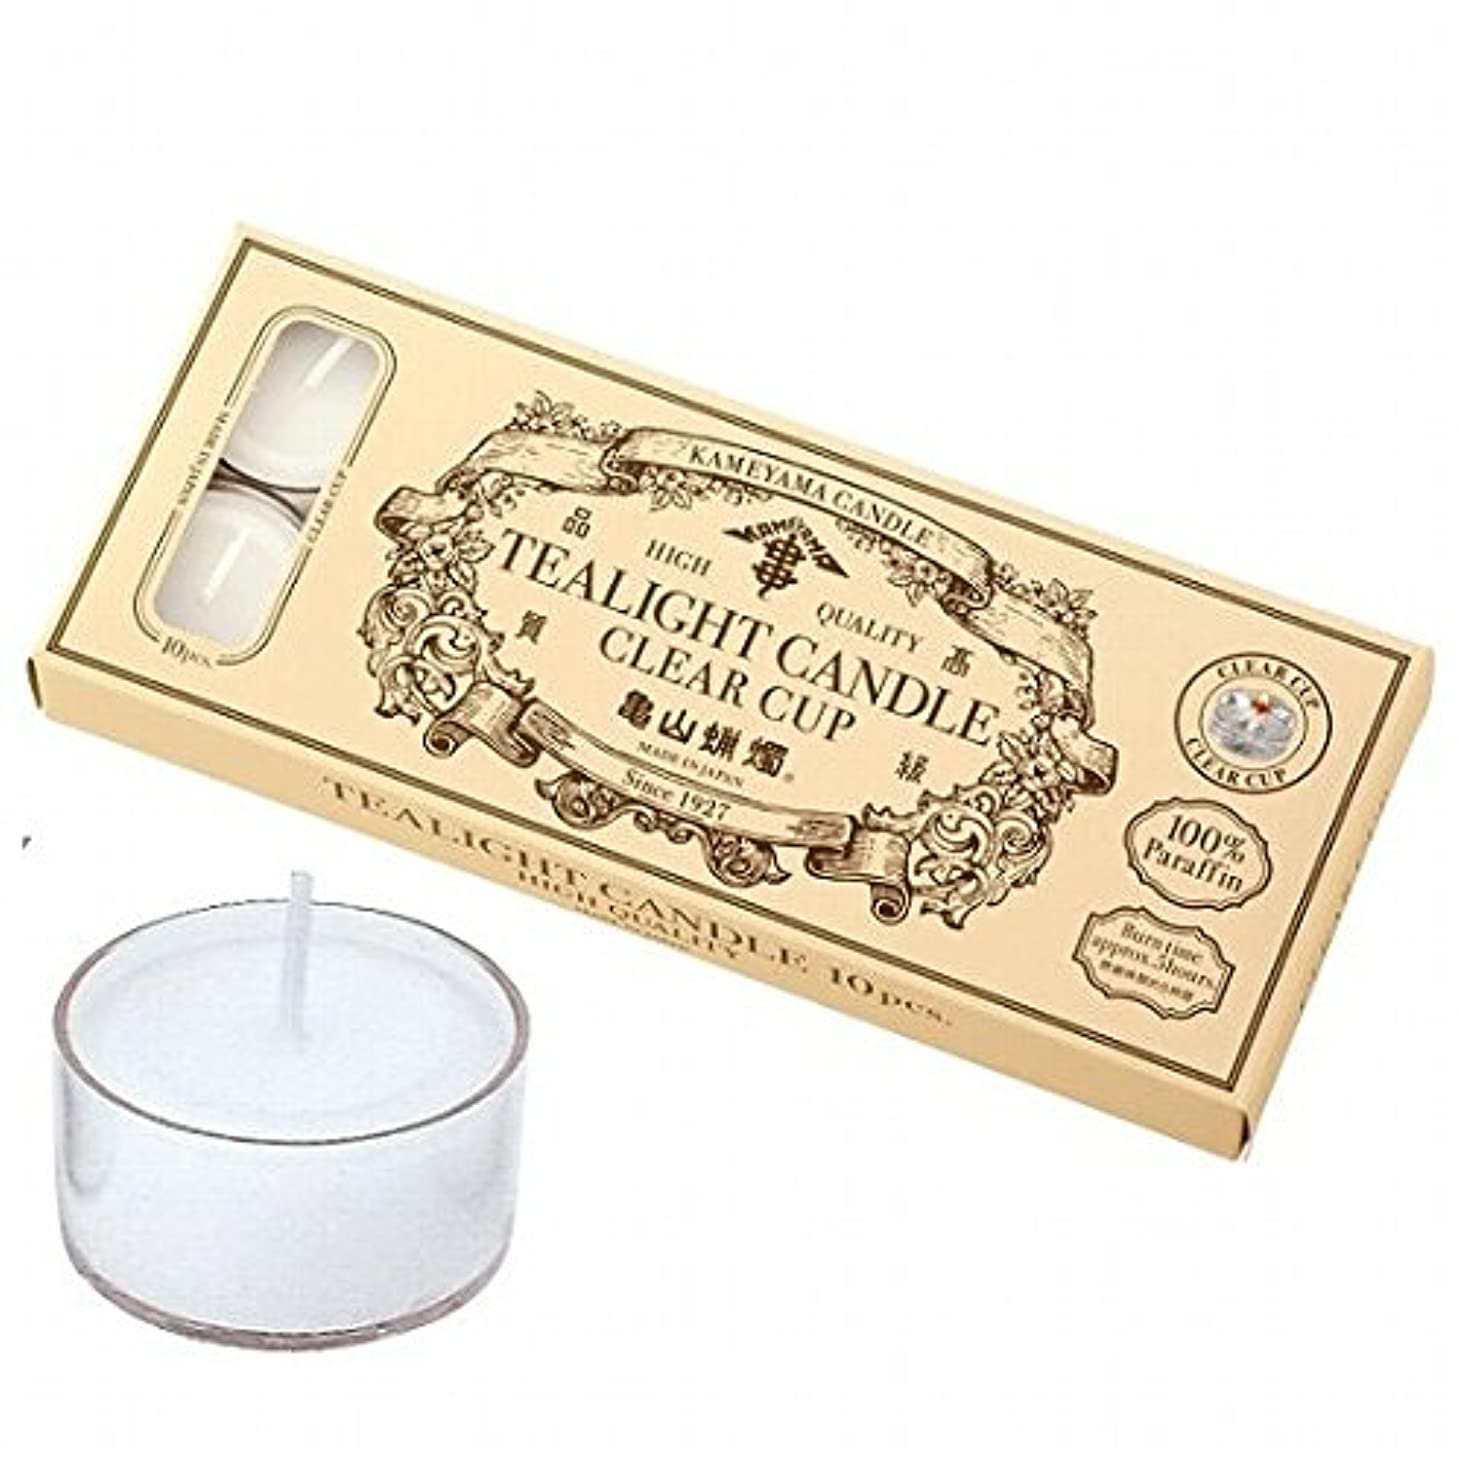 ガイダンス付添人教えてカメヤマキャンドル(kameyama candle) 亀山ティーライトクリア10個?日本製 キャンドル